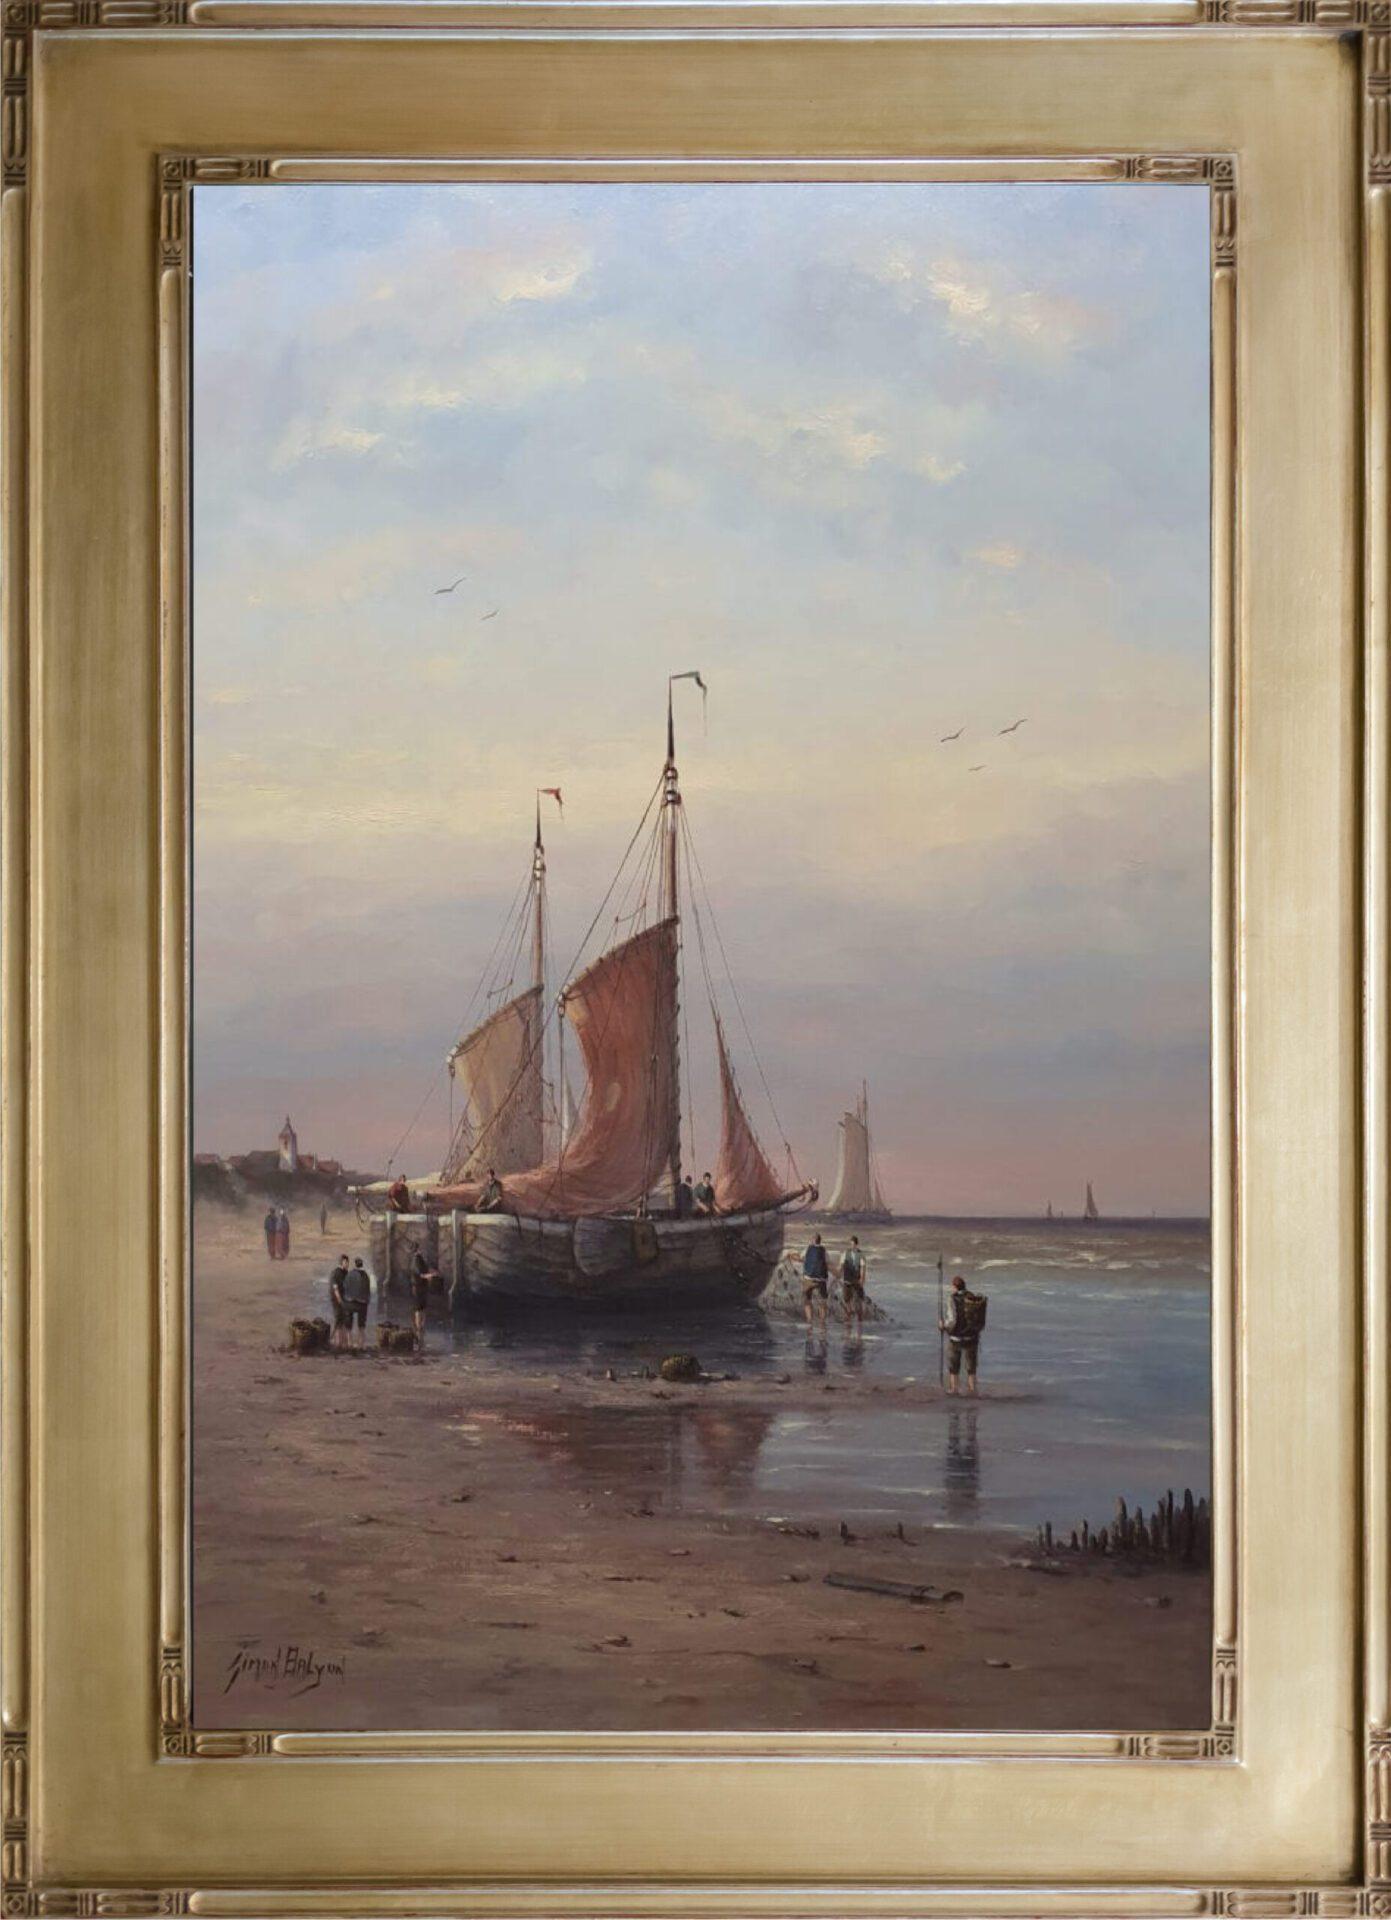 Balyon_Fishing_Boats_Frame